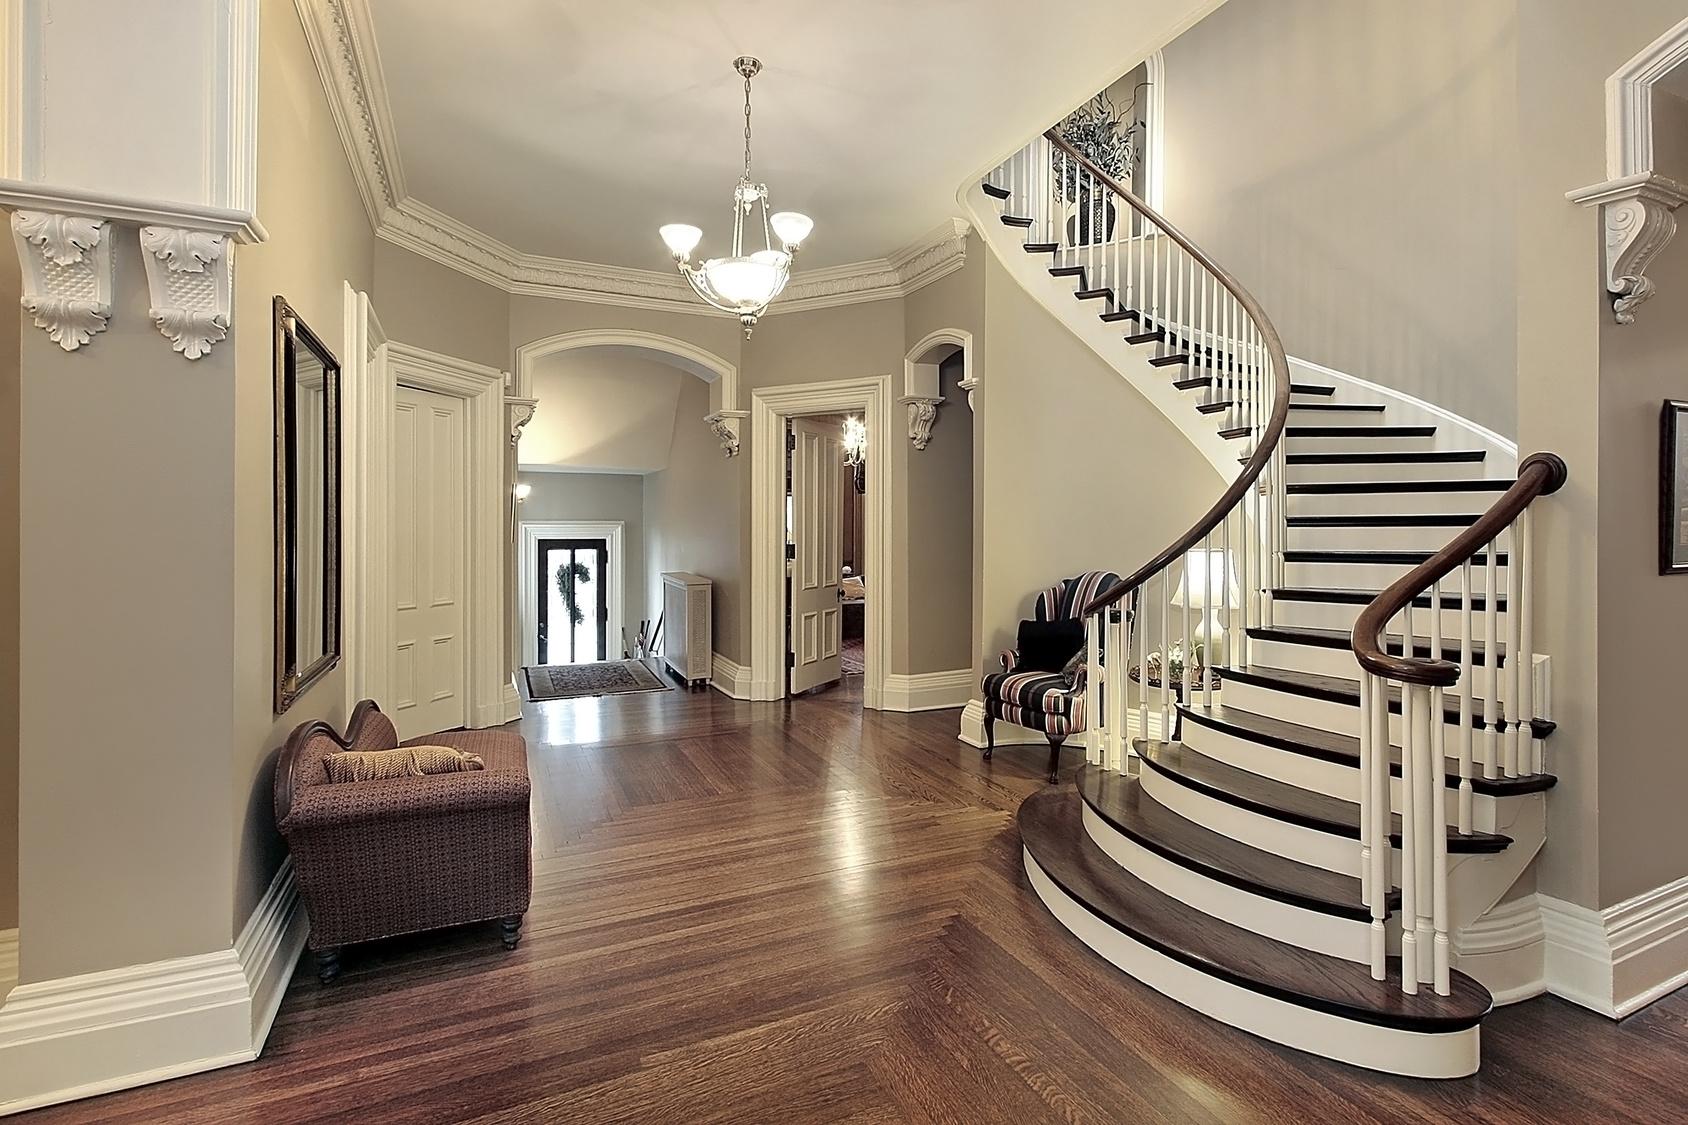 Wohnzimmerz Raumgestaltung Ideen With Wohnzimmer Braun Wohnzimmer